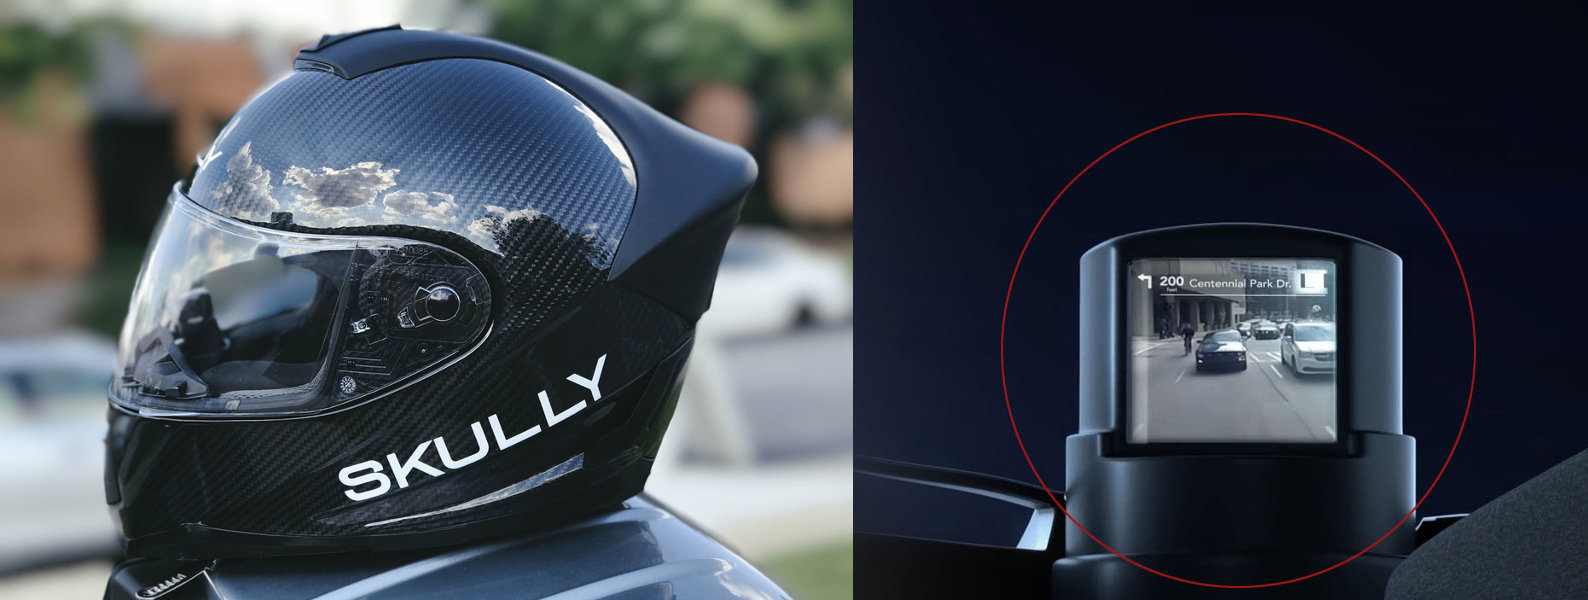 Le casque Skully Fenix AR et son module HUD